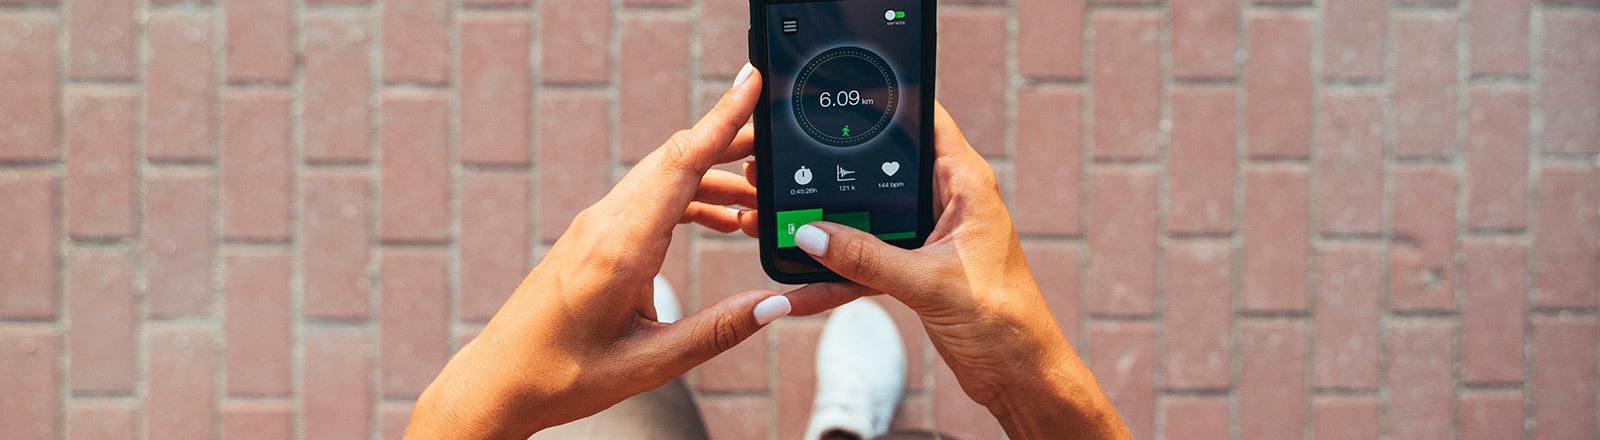 Ein Smartphone wird von zwei Händen gehalten